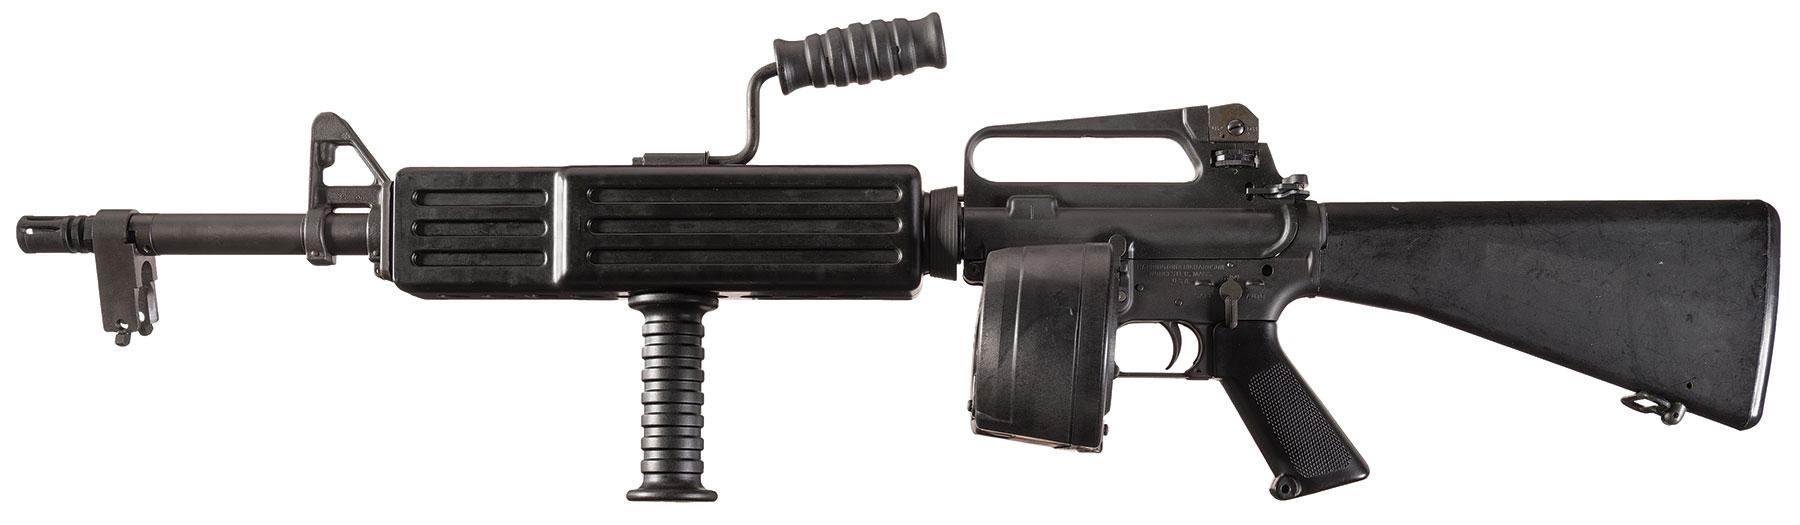 H R M16a1 Rifle Full Transferrable Class Iii Nfa Machine Gun